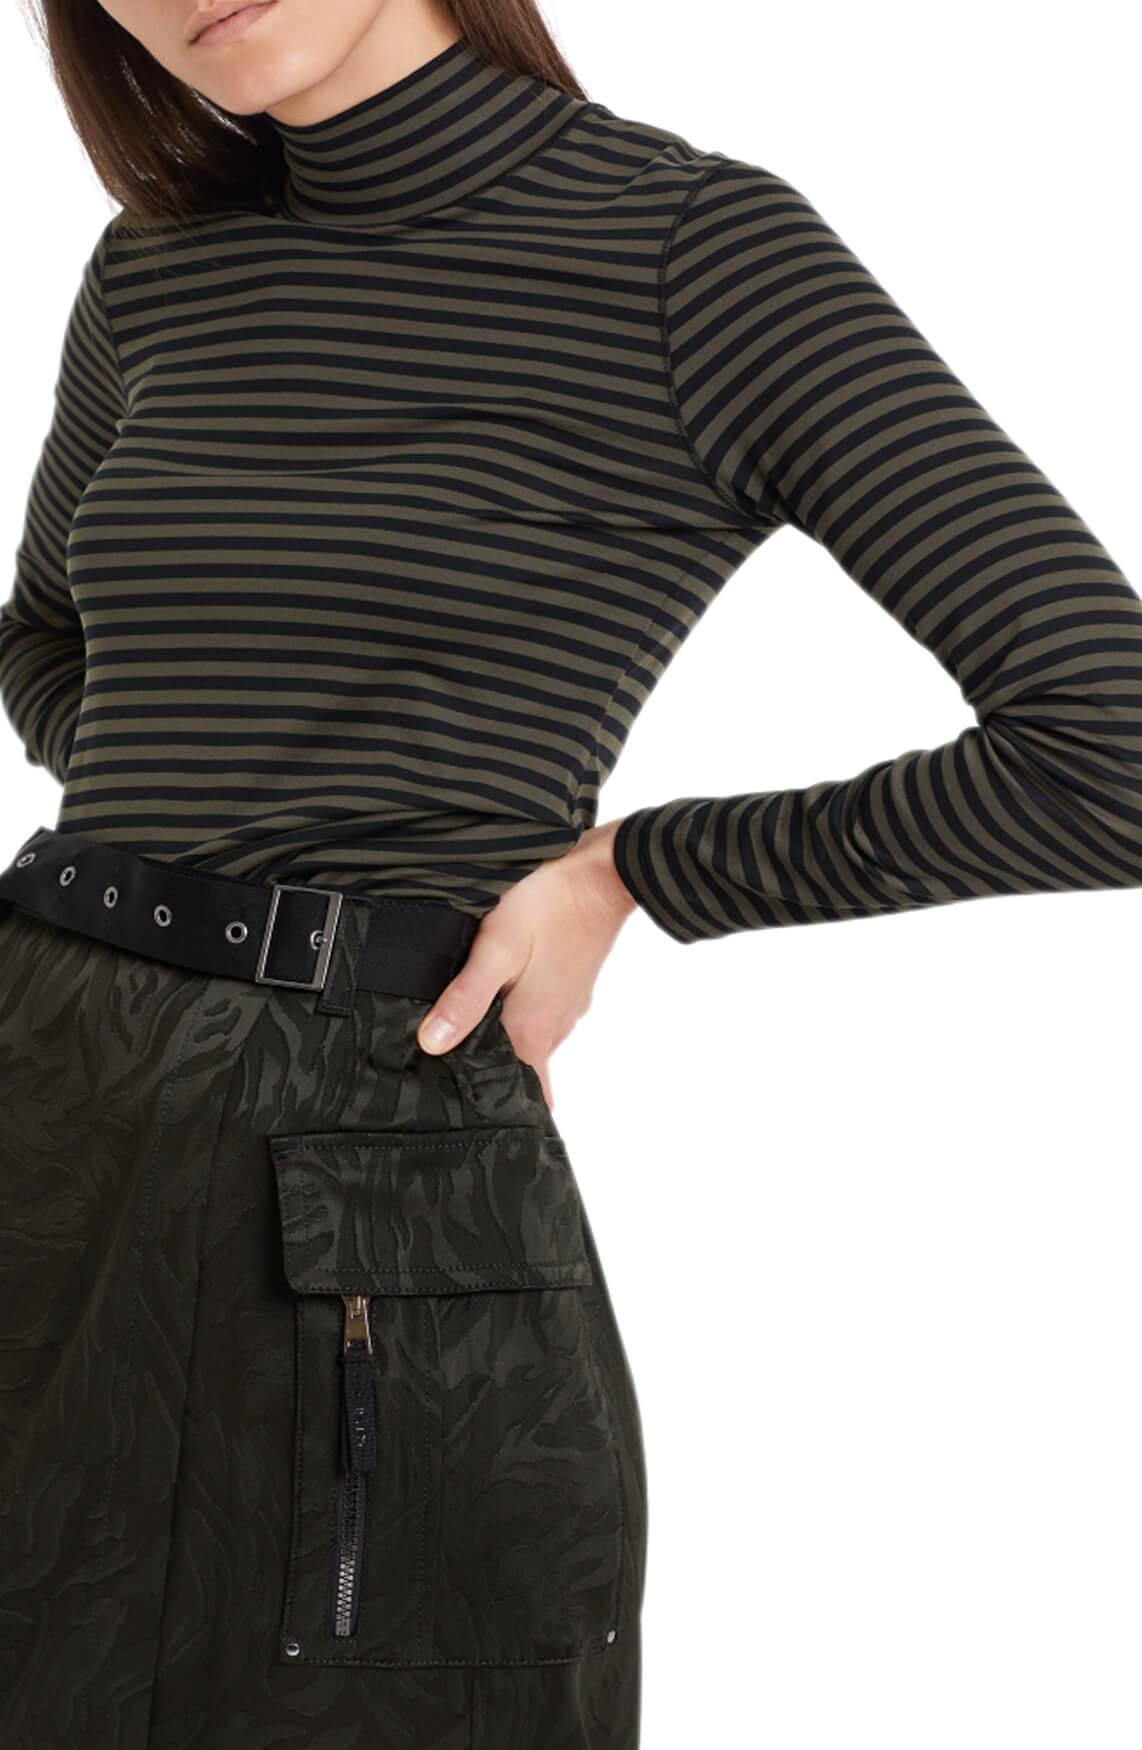 Marccain Sports Dames Gestreept shirt zwart